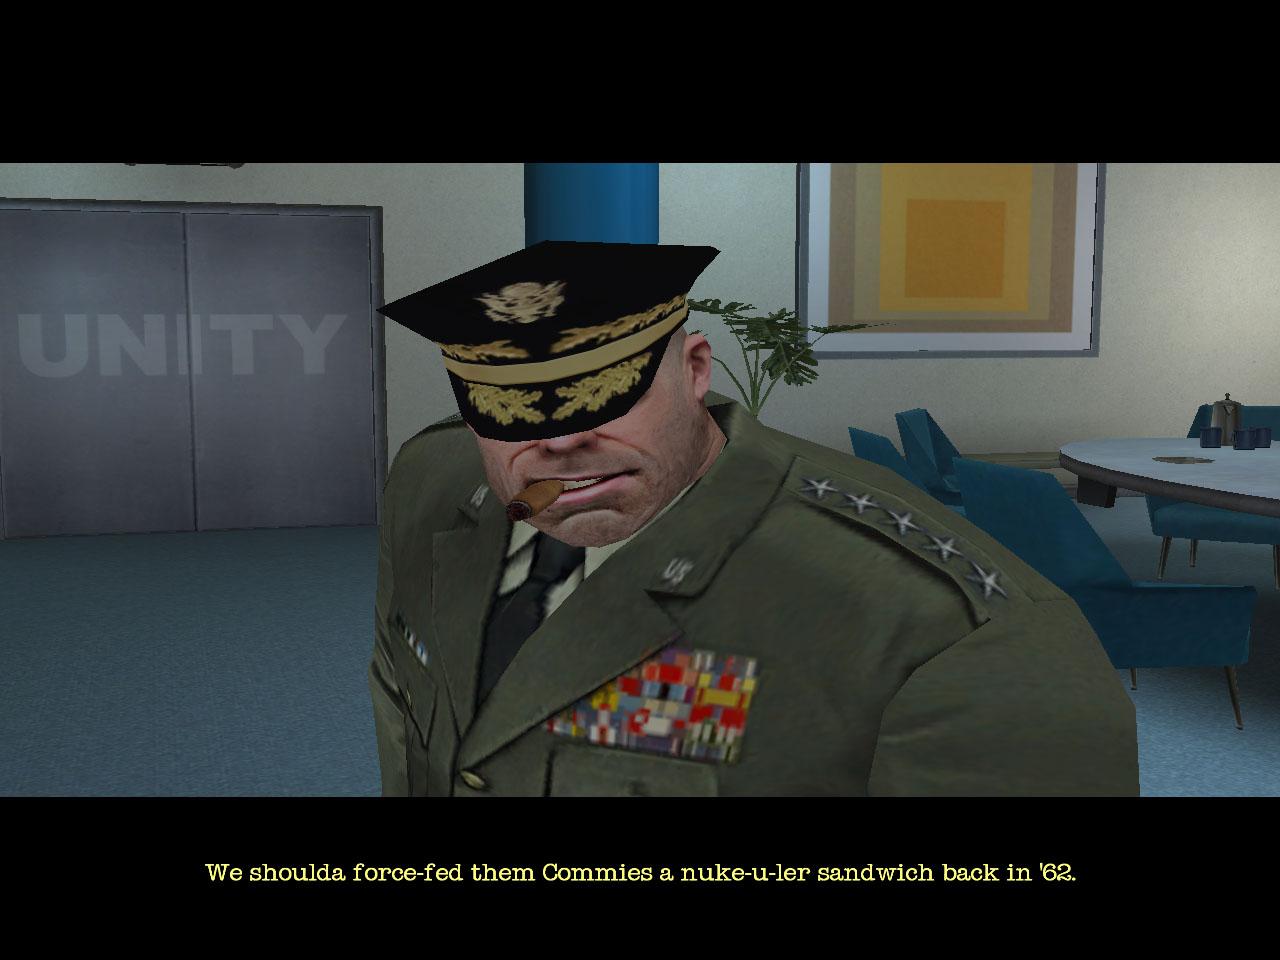 http://2.bp.blogspot.com/-ySXUEvbs06o/UKuC-DbSMSI/AAAAAAAAZAU/AwAG-hI6WvE/s1600/No_One_Lives_Forever_2_(PC)_(1280)_14.jpg